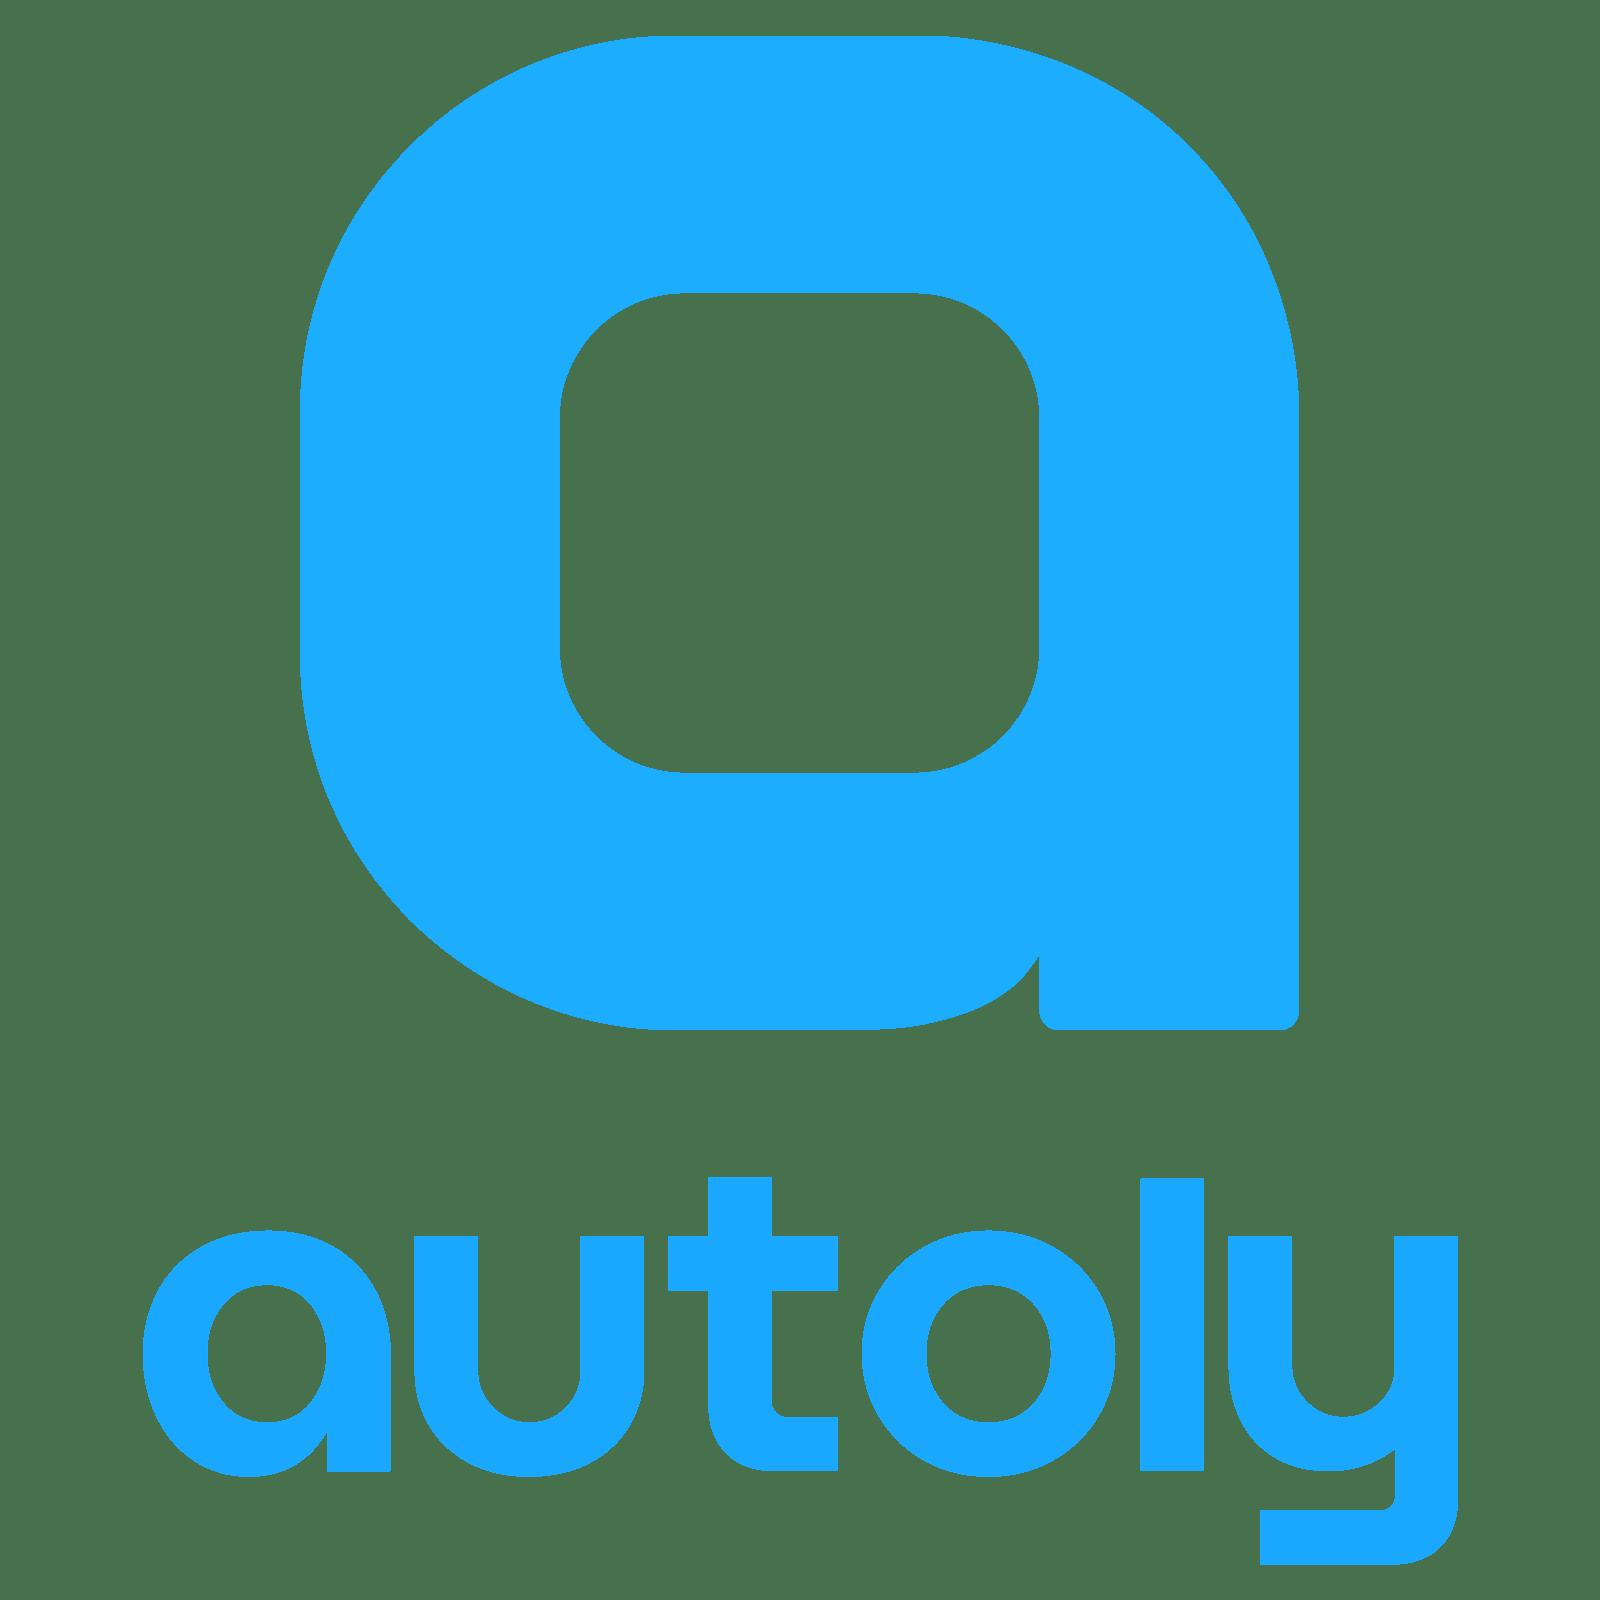 Autoly Inc.